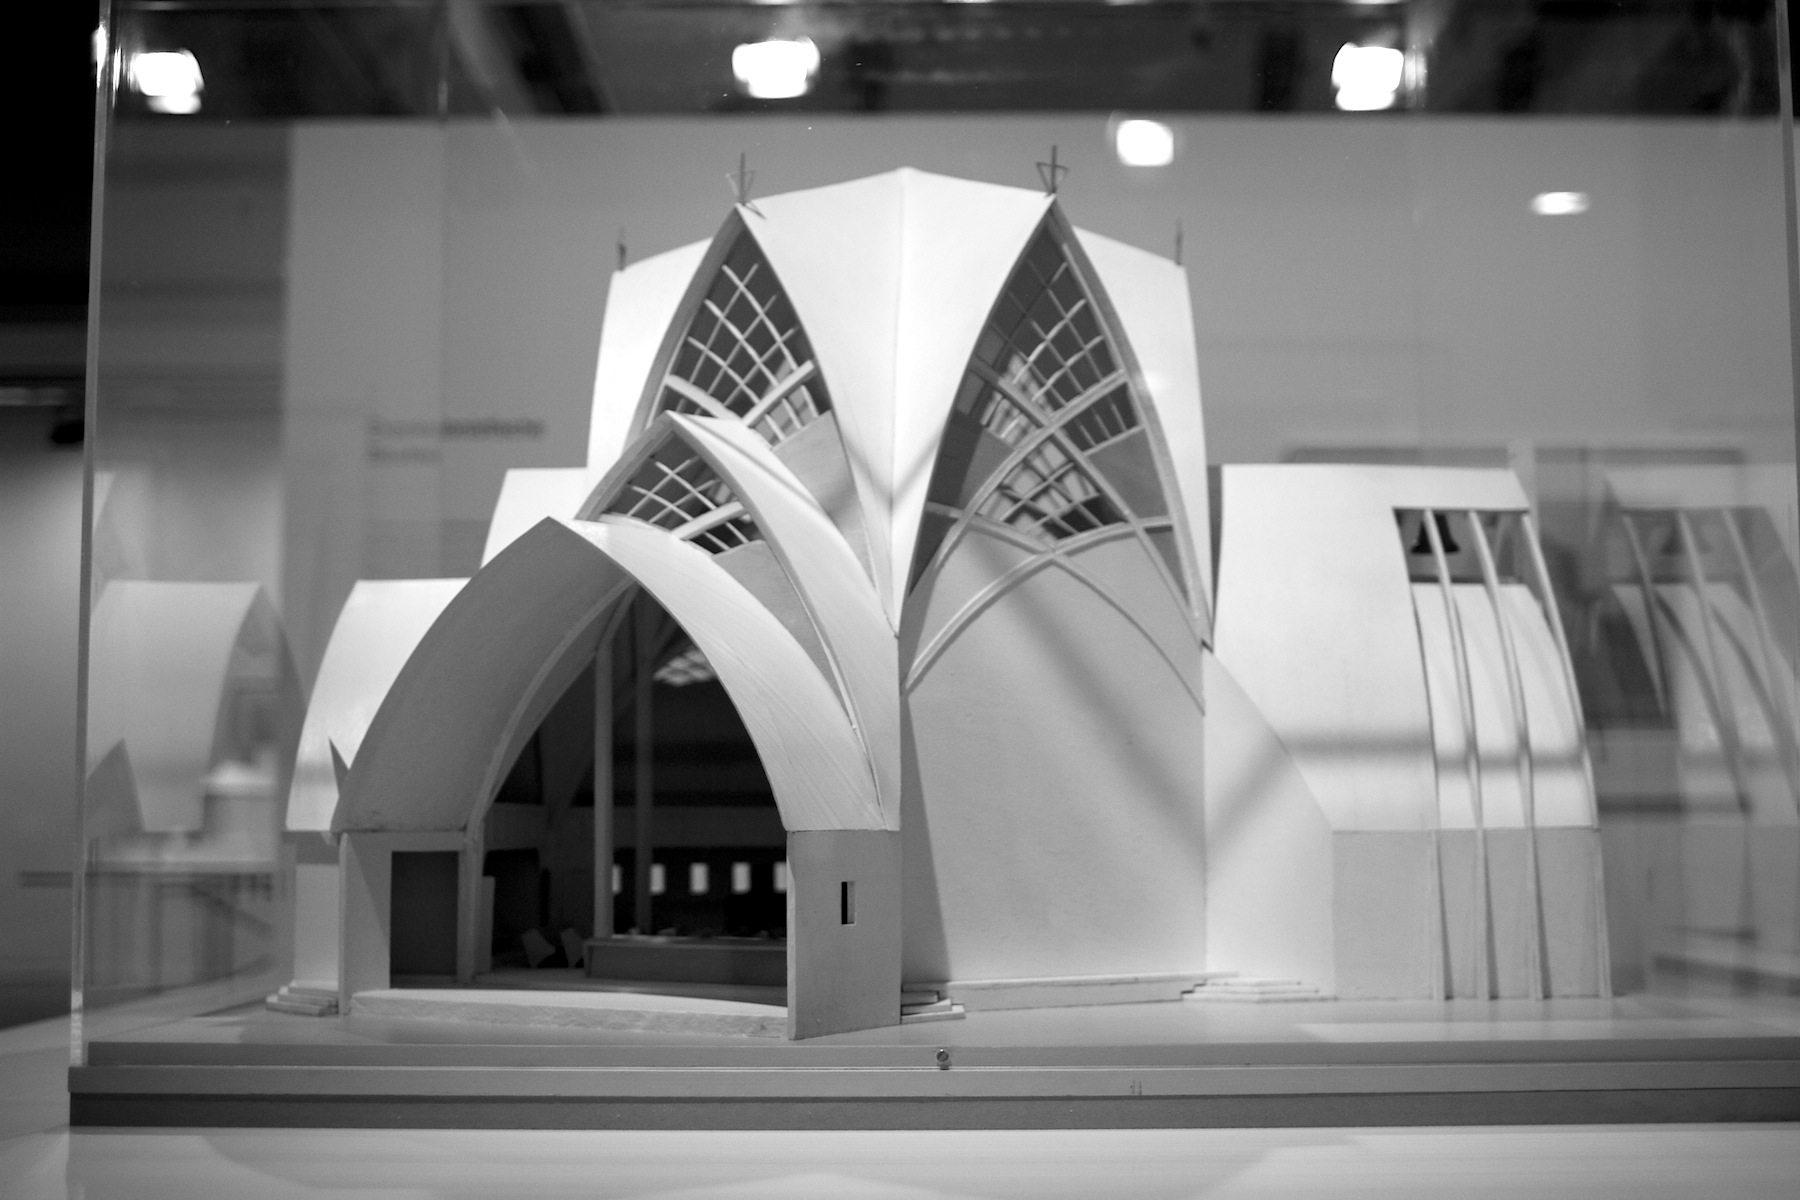 Konstanzer Kirche von Otto Bartning, 1923.  Modell, 1992 von Ute Meinhardt und Heinz Thum. Architekturmuseum der Technischen Universität München